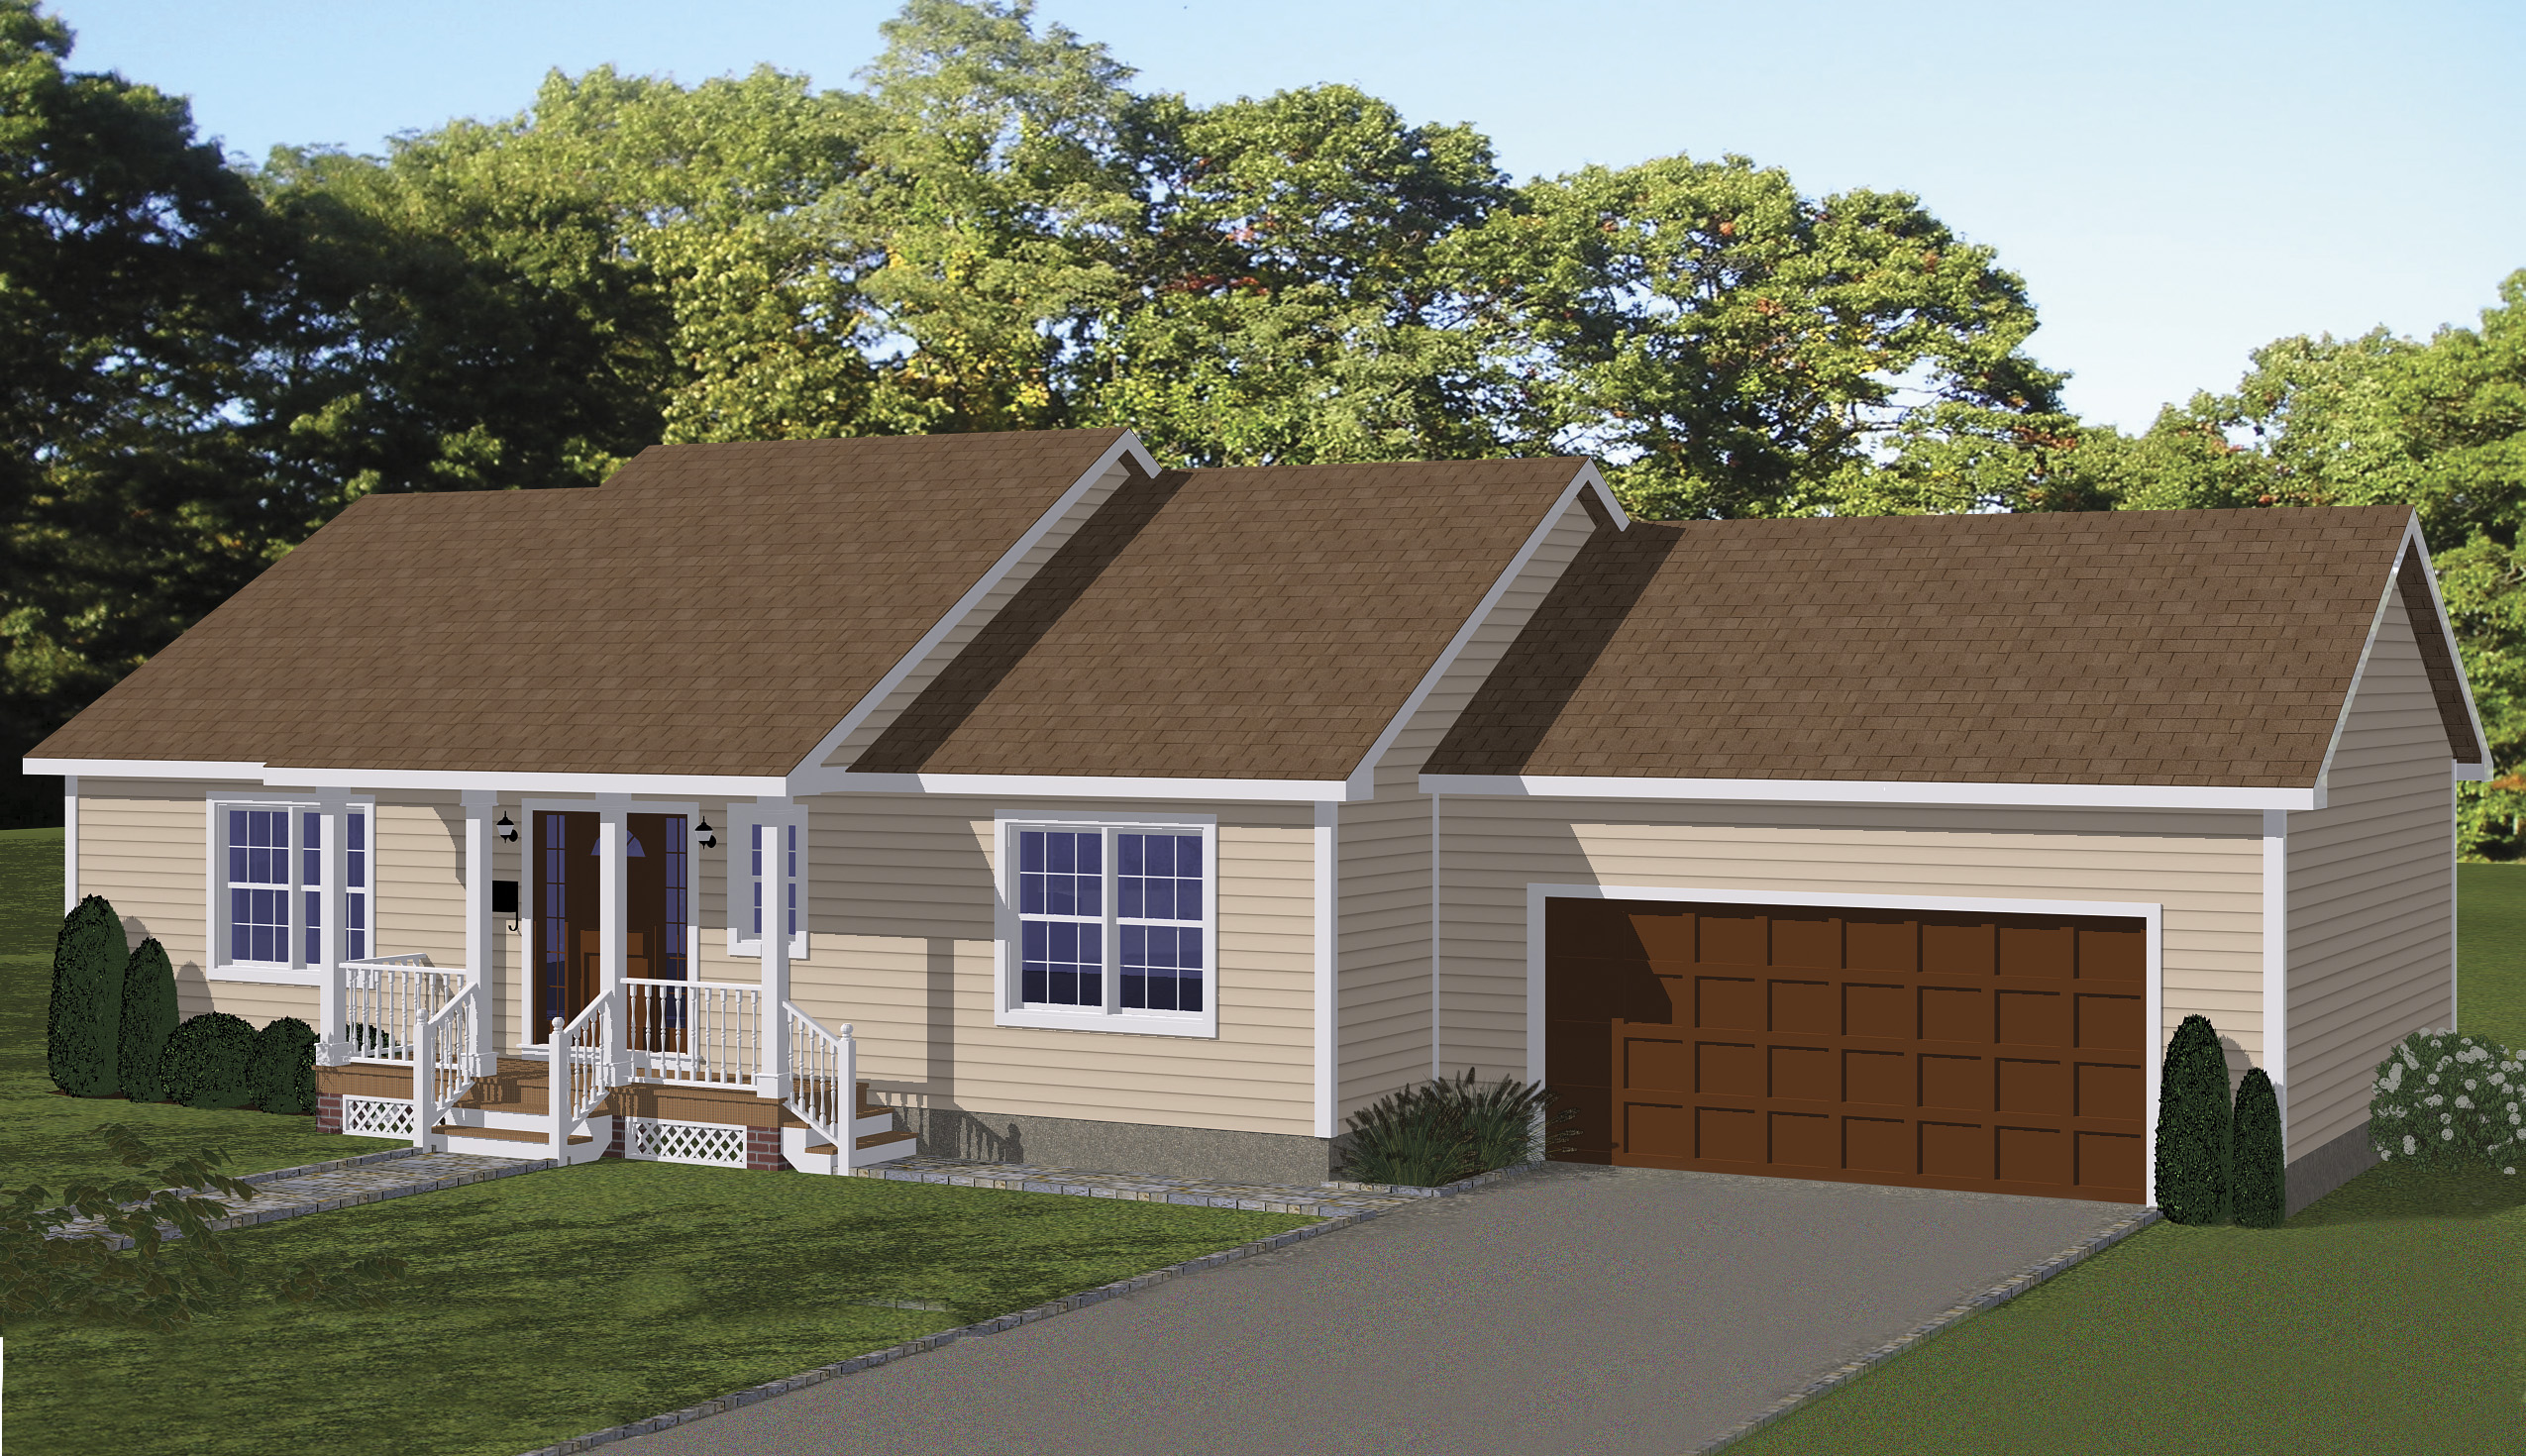 Economical Ranch Home Plan 61003ks Architectural Designs House Plans